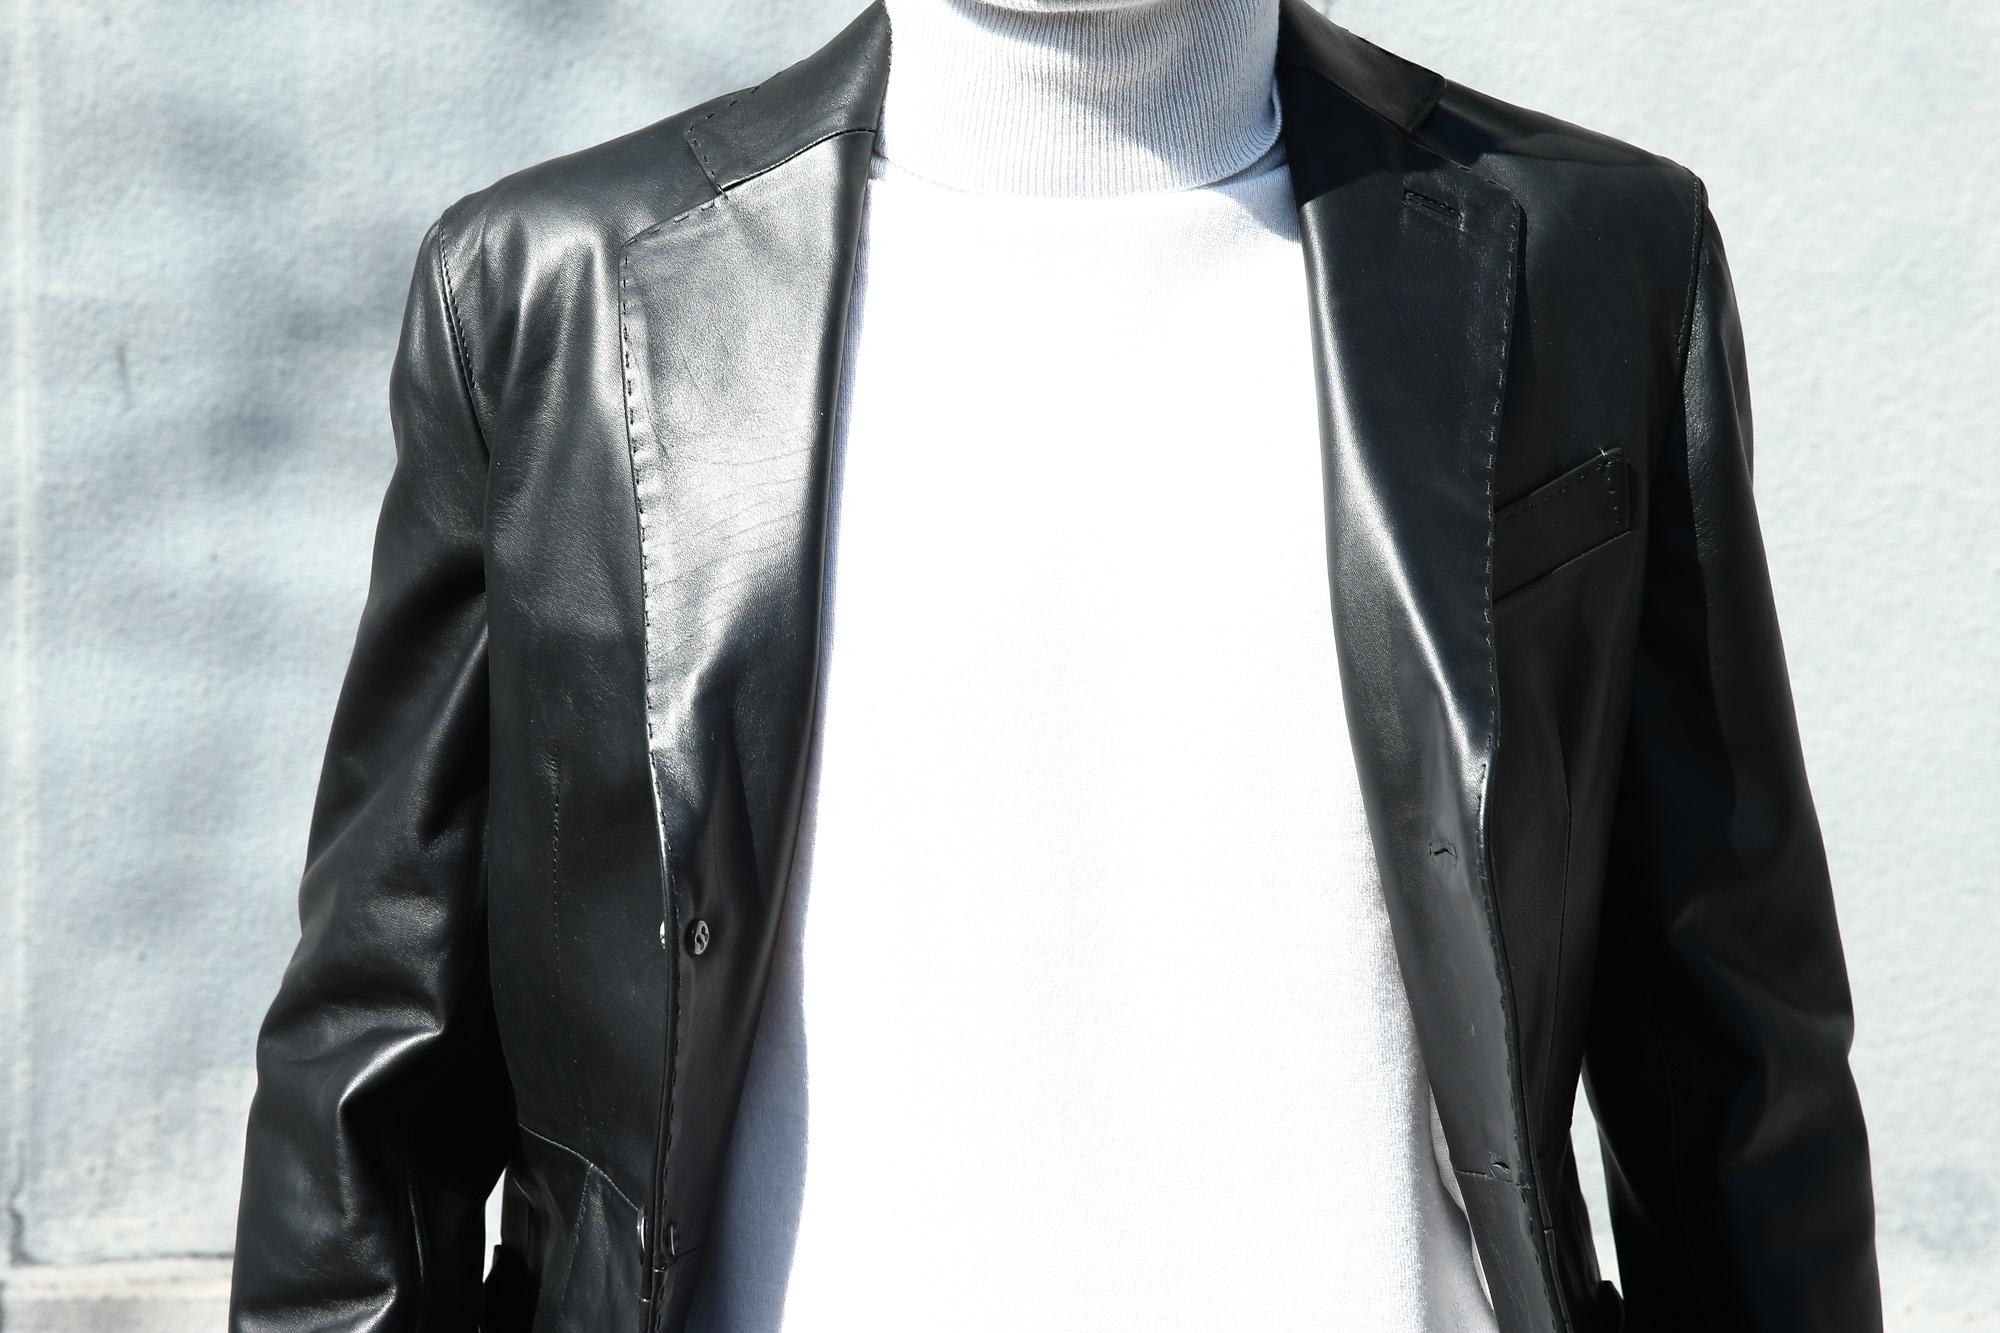 CINQUANTA (チンクアンタ) H613 SINGLE TAILORED JACKET CAVALLO (シングル テーラード ジャケット) ホースレザー ジャケット BLACK (ブラック・999) Made in italy (イタリア製) 2018 春夏新作 cinquanta チンクアンタ レザージャケット ジャケット 愛知 名古屋 ZODIAC ゾディアック